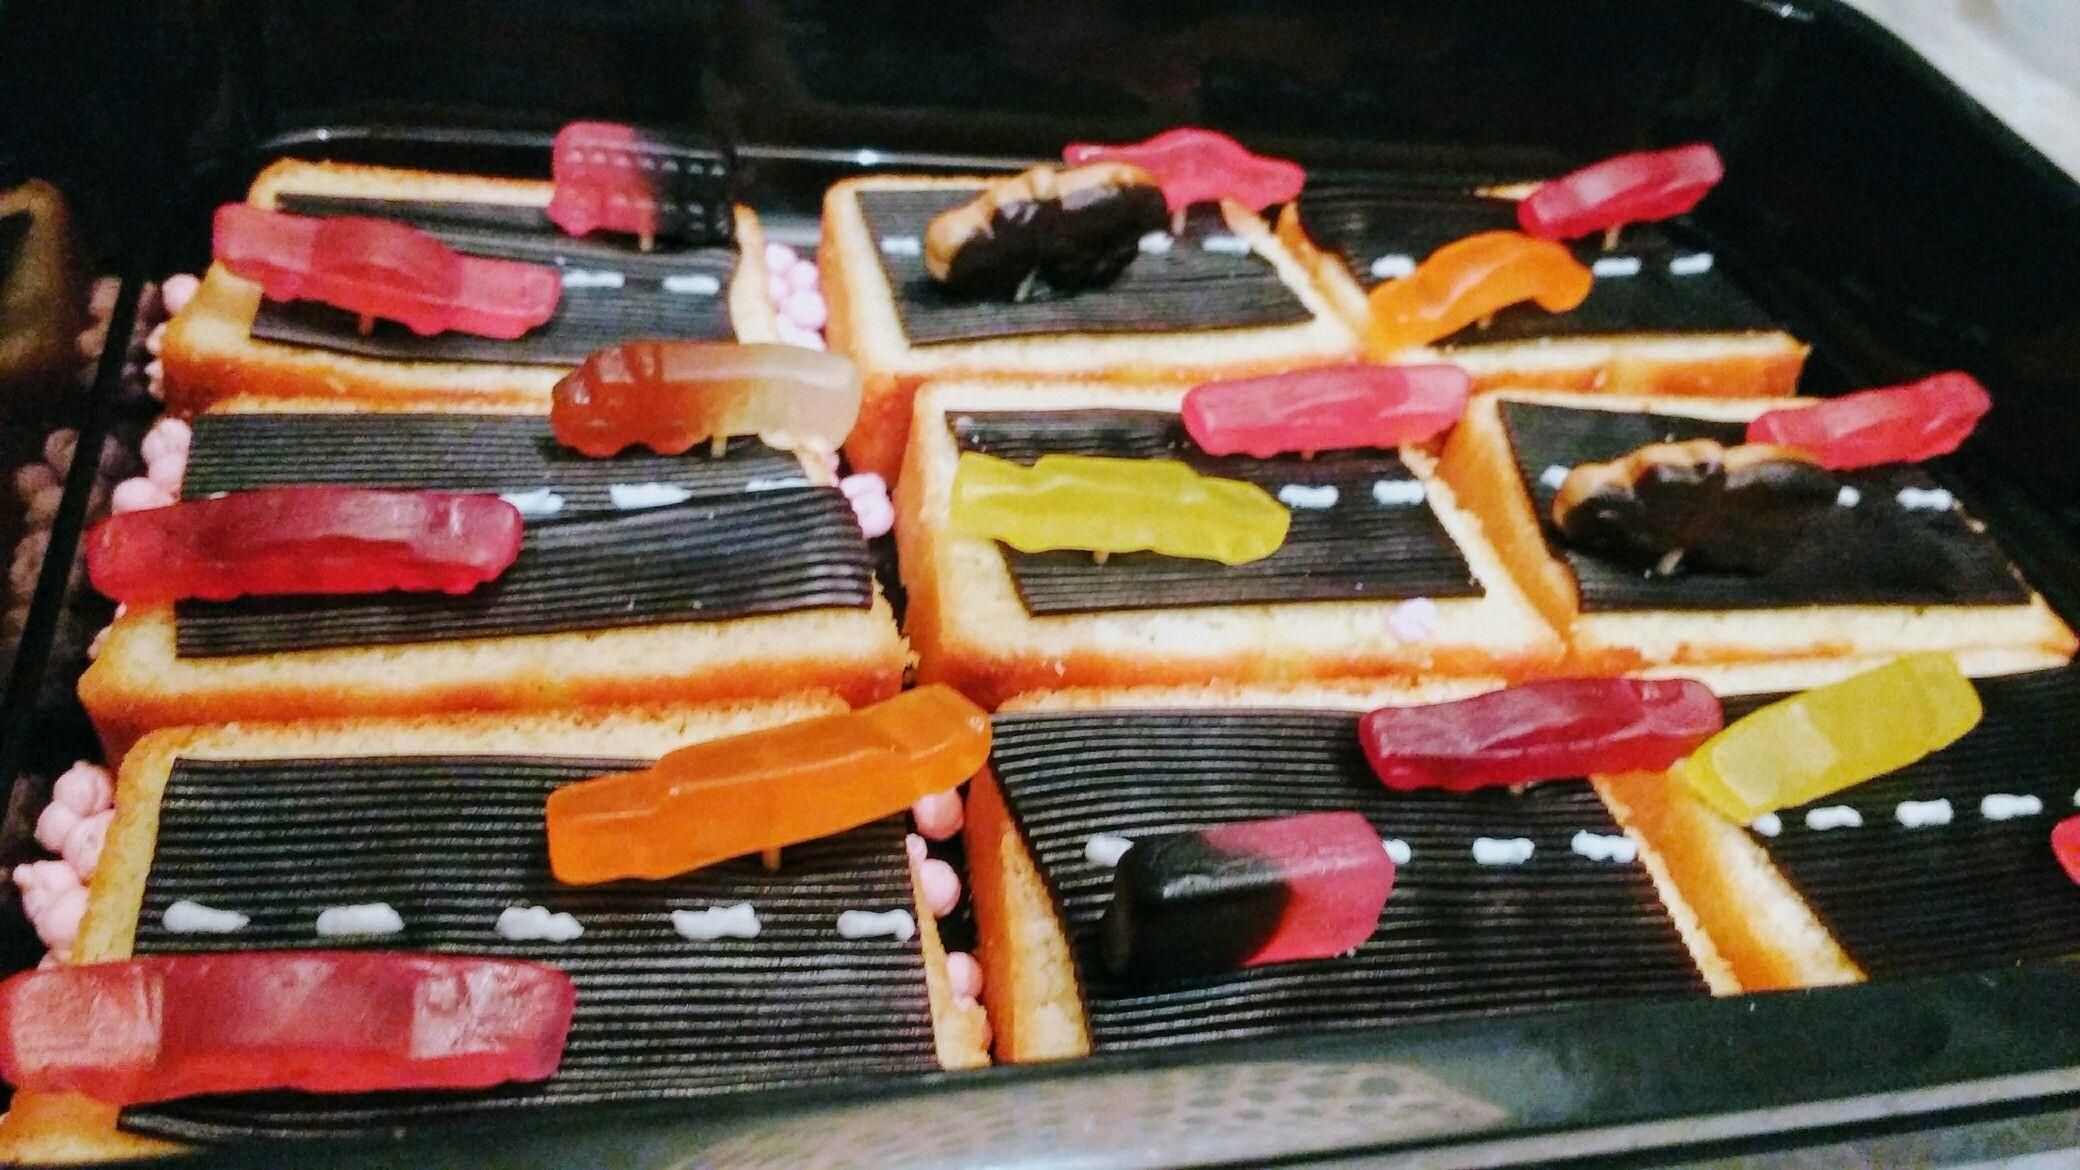 Leuke jongens traktatie! Plak cake, halve dropmat, streepjes met schrijfstift voor taarten en Autodrop! Vastgeprikt met ongekookte spaghetti 😋 wel zo veilig. Enjoy!